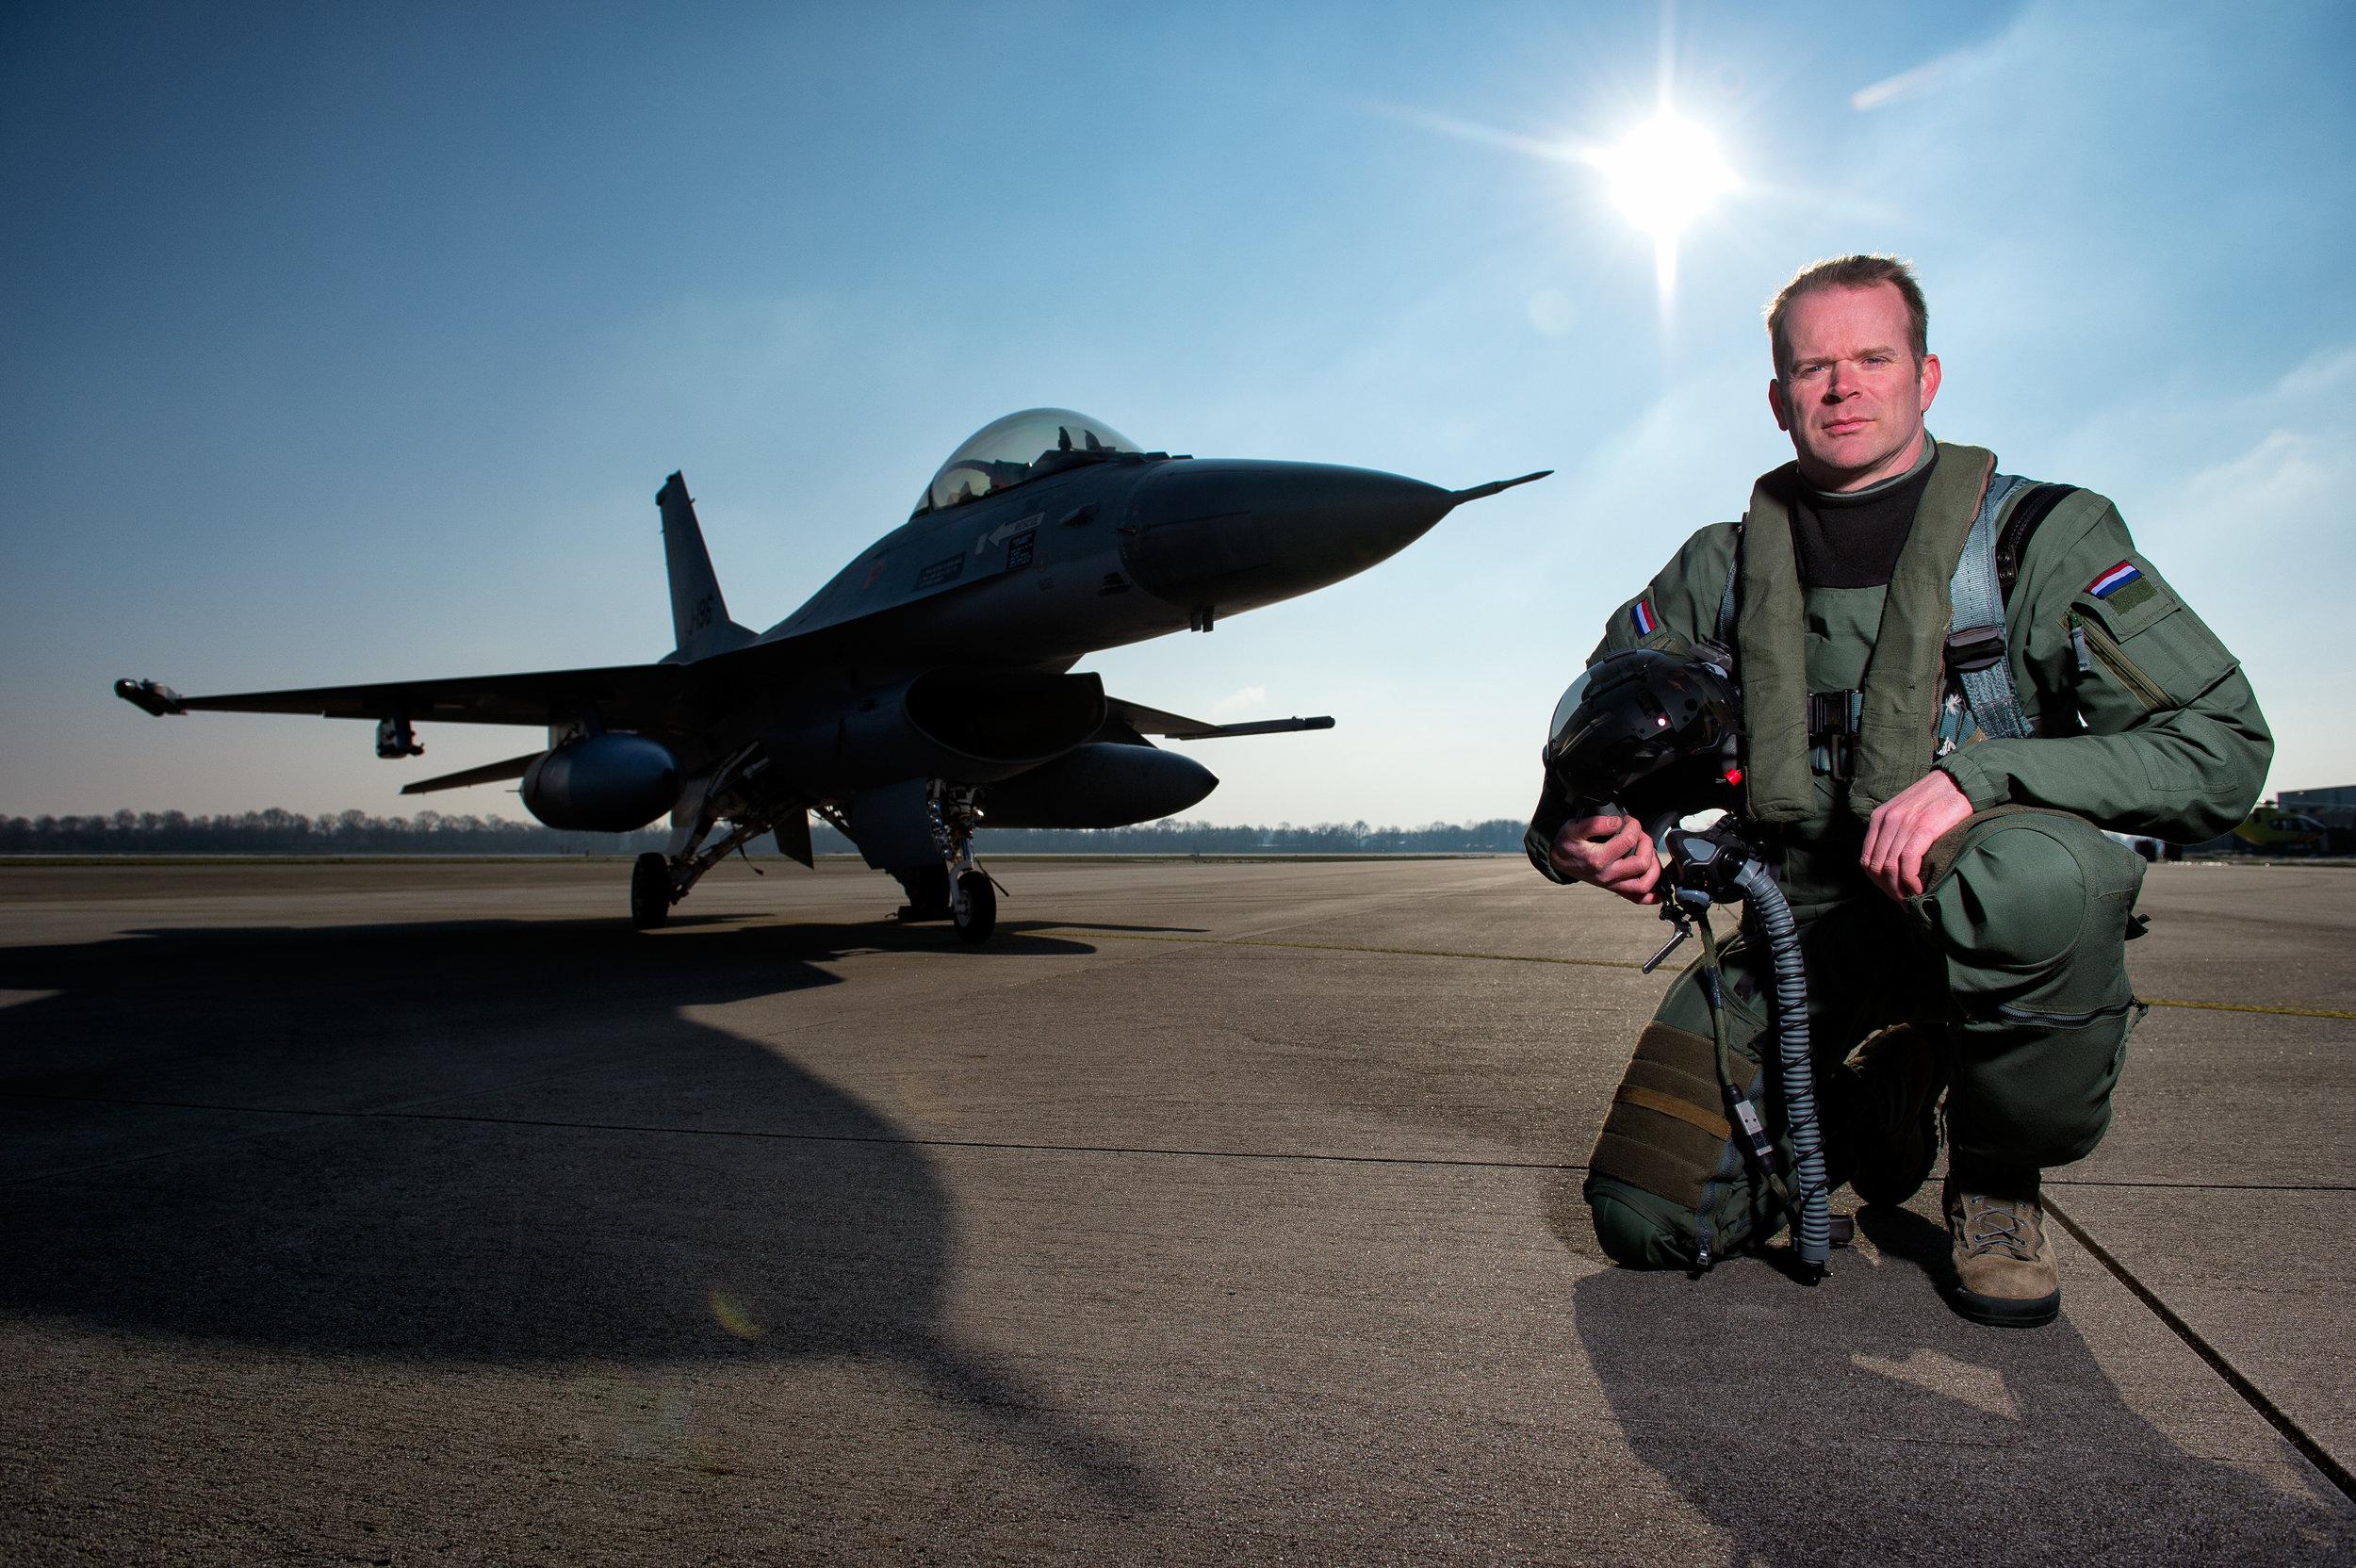 Dutch F-16 fighter pilot